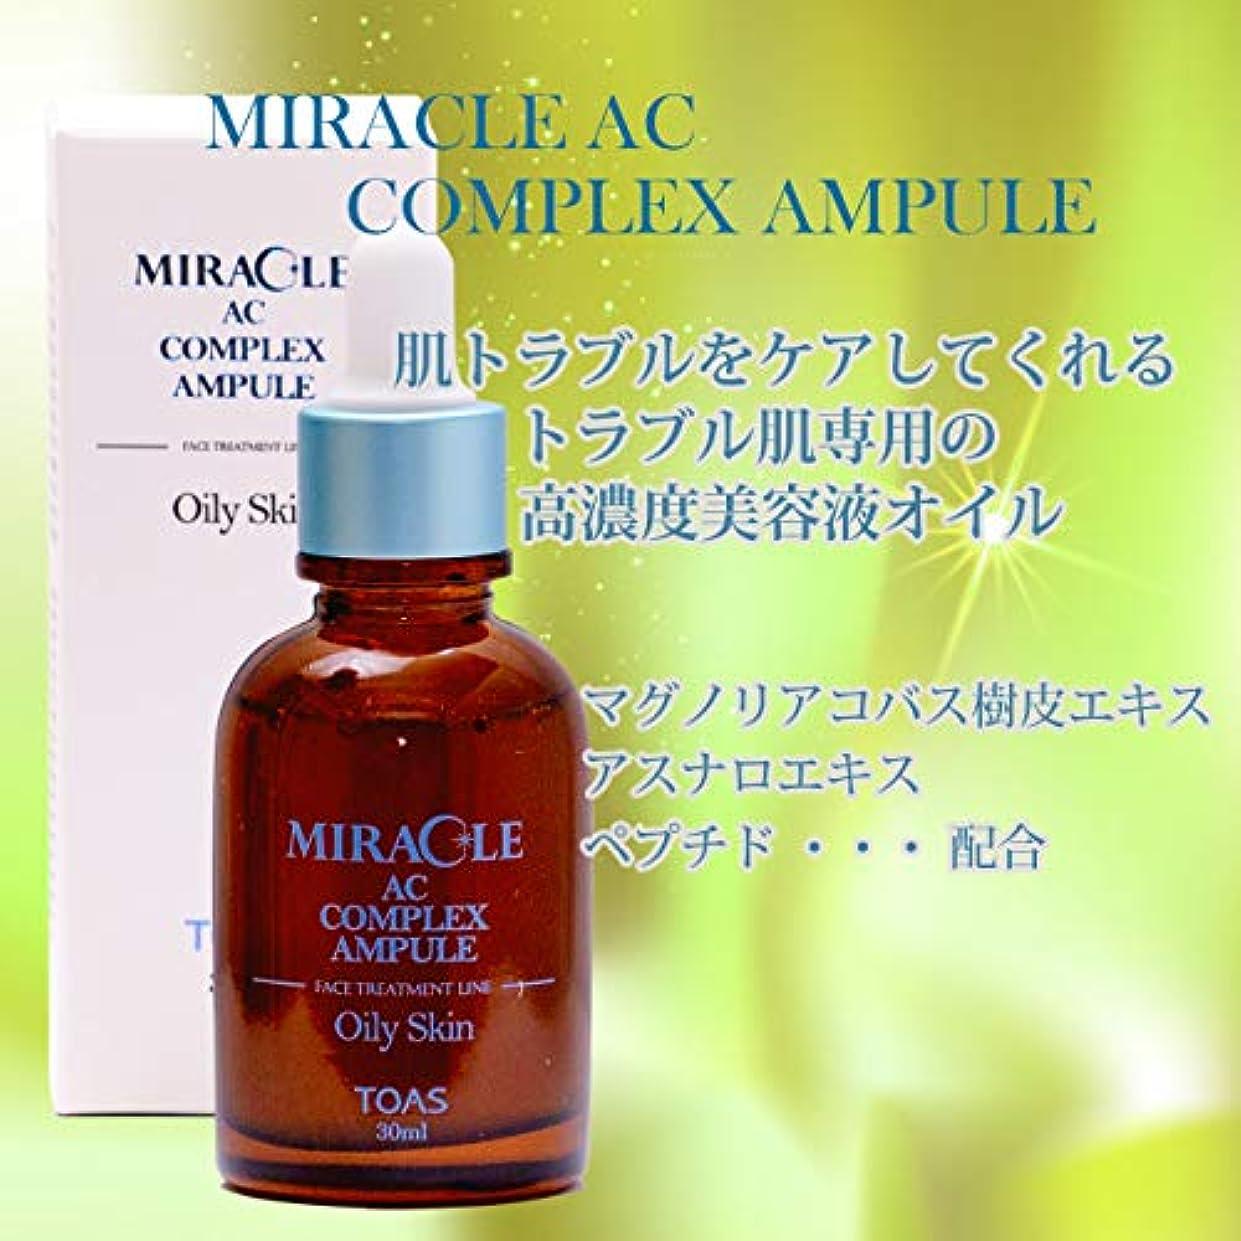 日曜日起訴するケイ素TOAS ミラクルACコンプレックス?アンプル30ml トラブル肌を解消 高密度美容液オイル